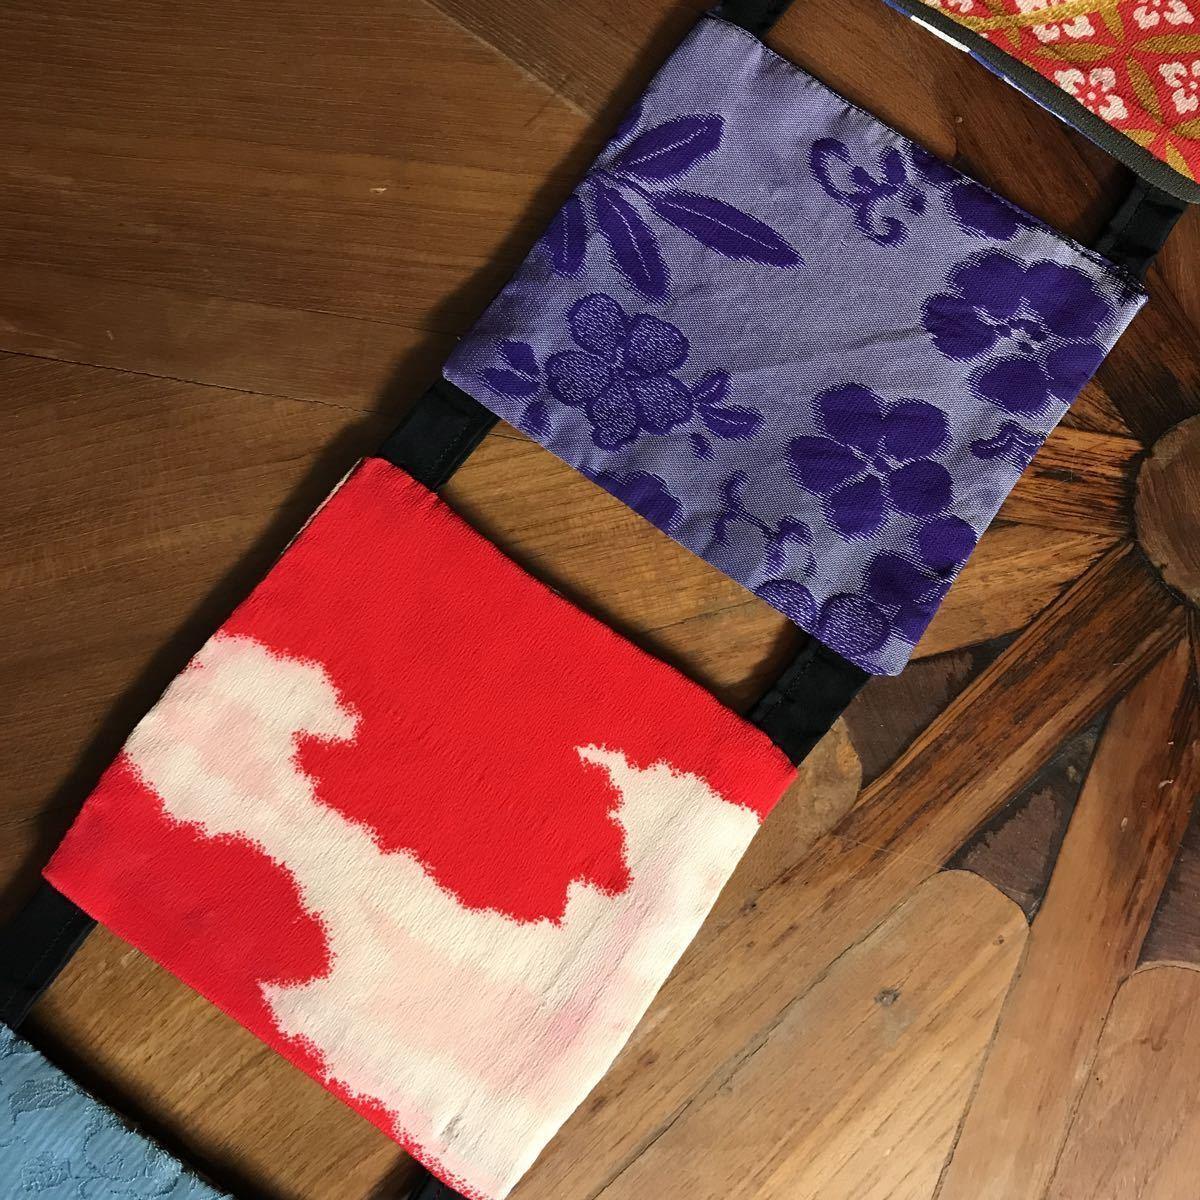 古布のテーブルランナー 着物リメイク 敷物 タペストリー アンティーク リメイク 古布 テーブルマット 絹 ハンドメイド レトロ